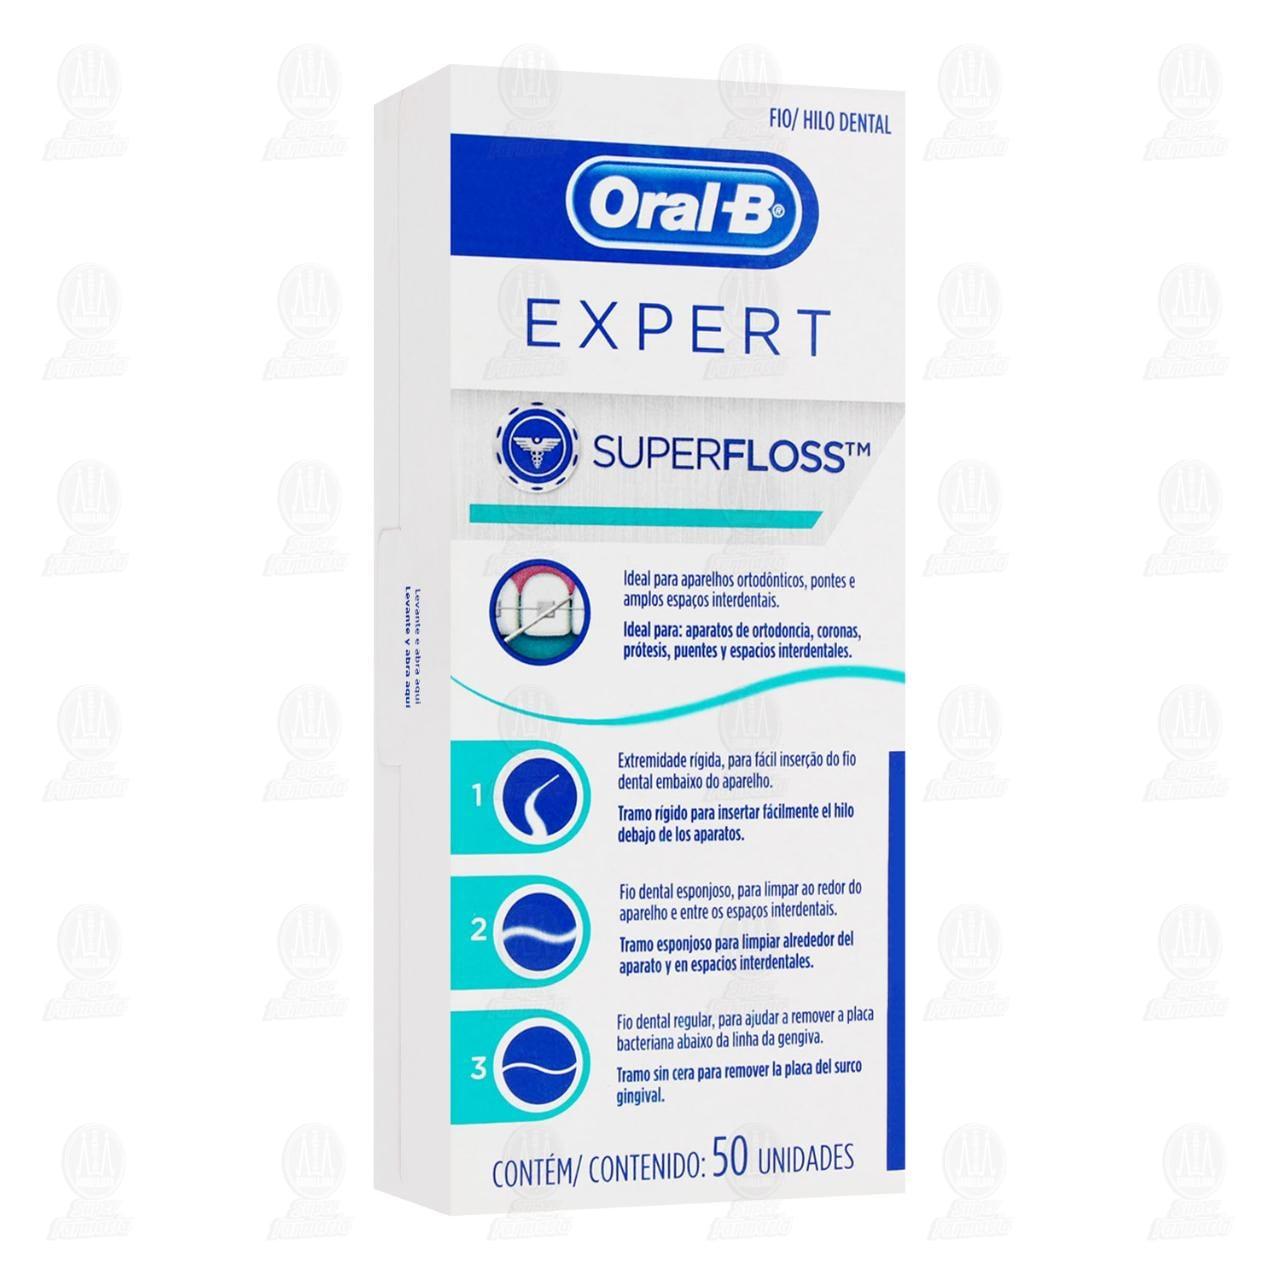 Comprar Hilo Dental Oral-B Expert SuperFloss, 50 pzas. en Farmacias Guadalajara